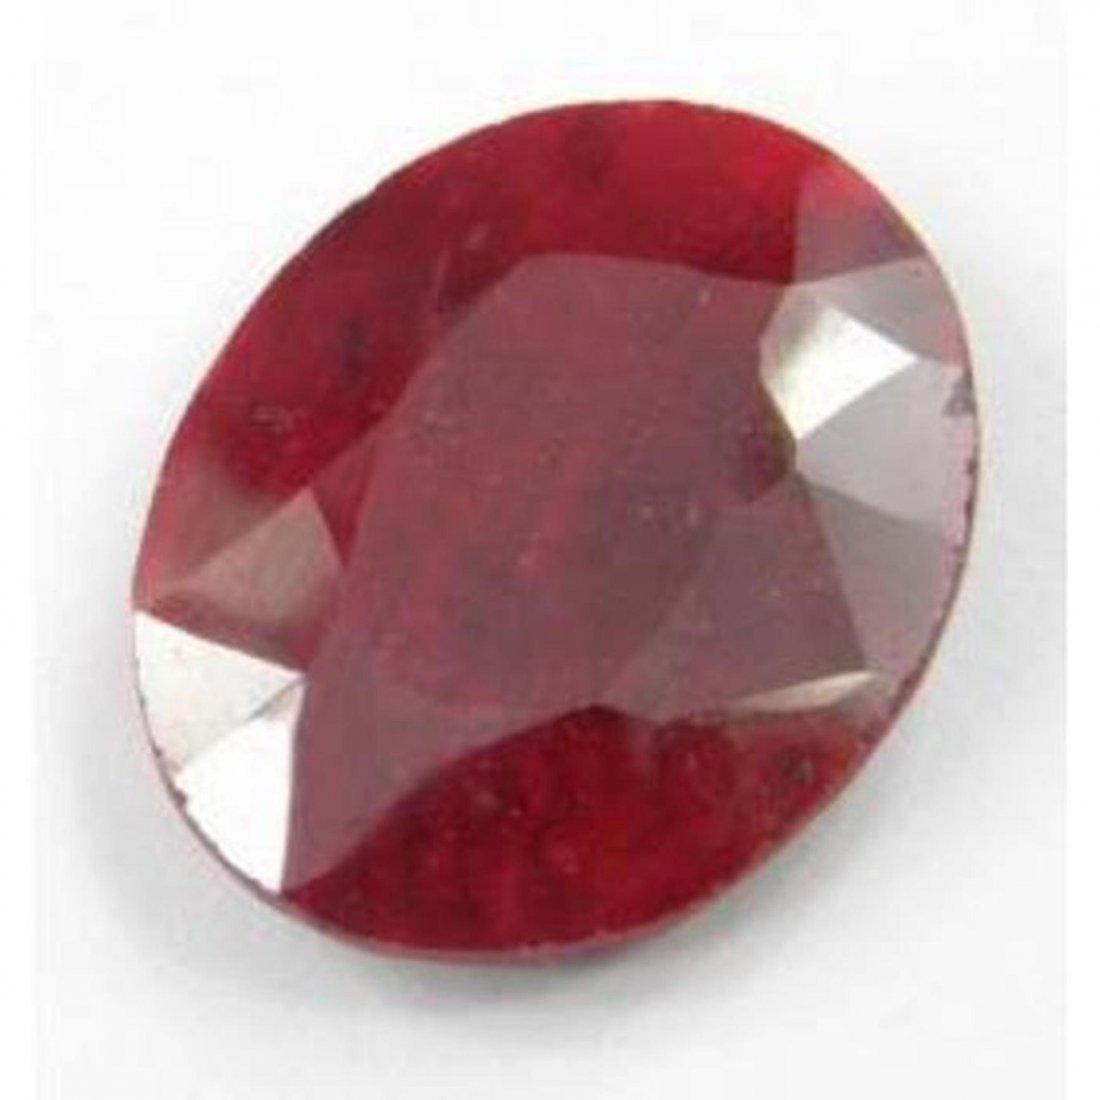 9Q: A 3 ct. Ruby Gemstone